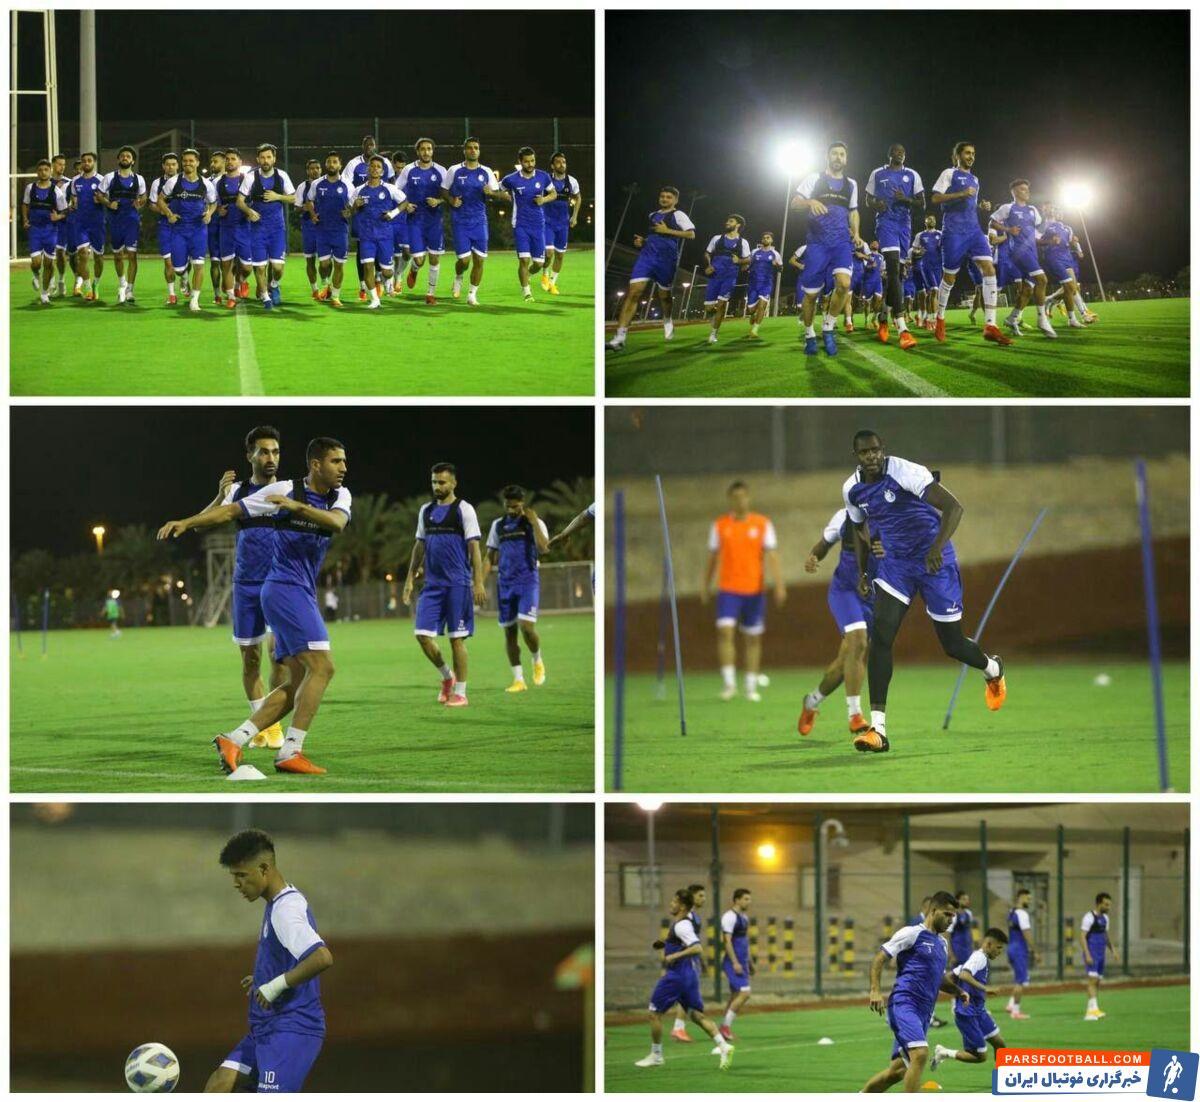 تیم فوتبال استقلال نخستین تمرین خود در شهر جده عربستان را از ساعت ۲۲:۳۰ دوشنبه (به وقت ایران) در زمین الاتحاد برگزار کرد.